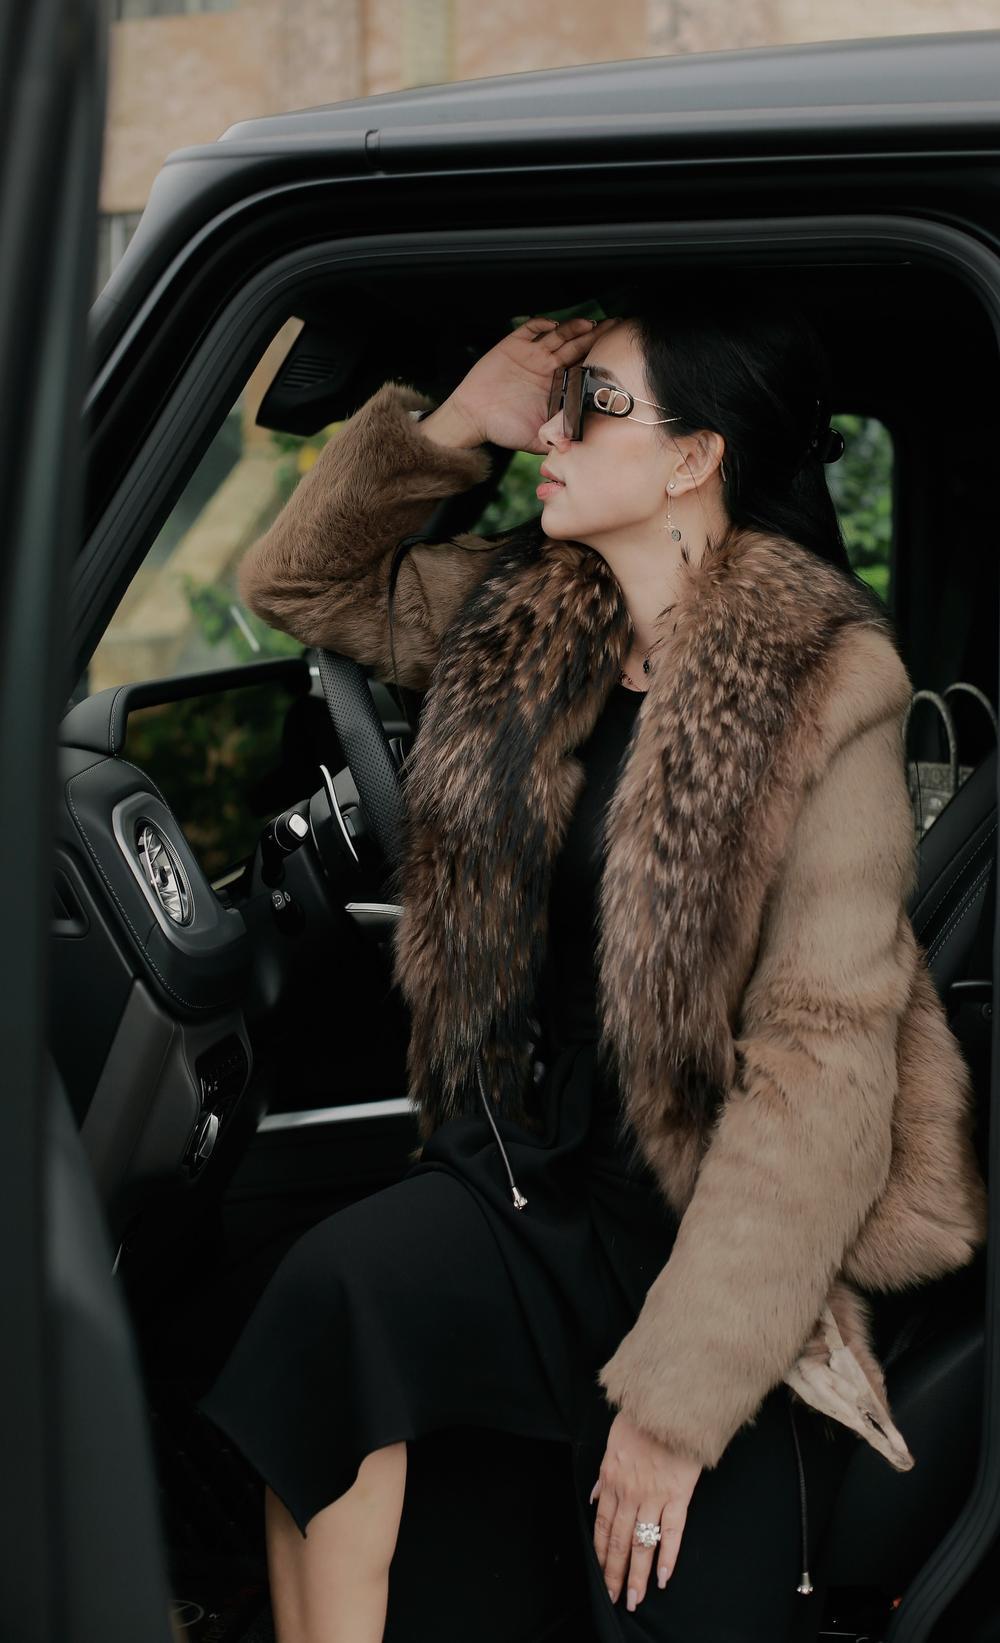 Phạm Quỳnh - Nữ doanh nhân sở hữu gout thời trang ấn tượng không kém fashionista Ảnh 1